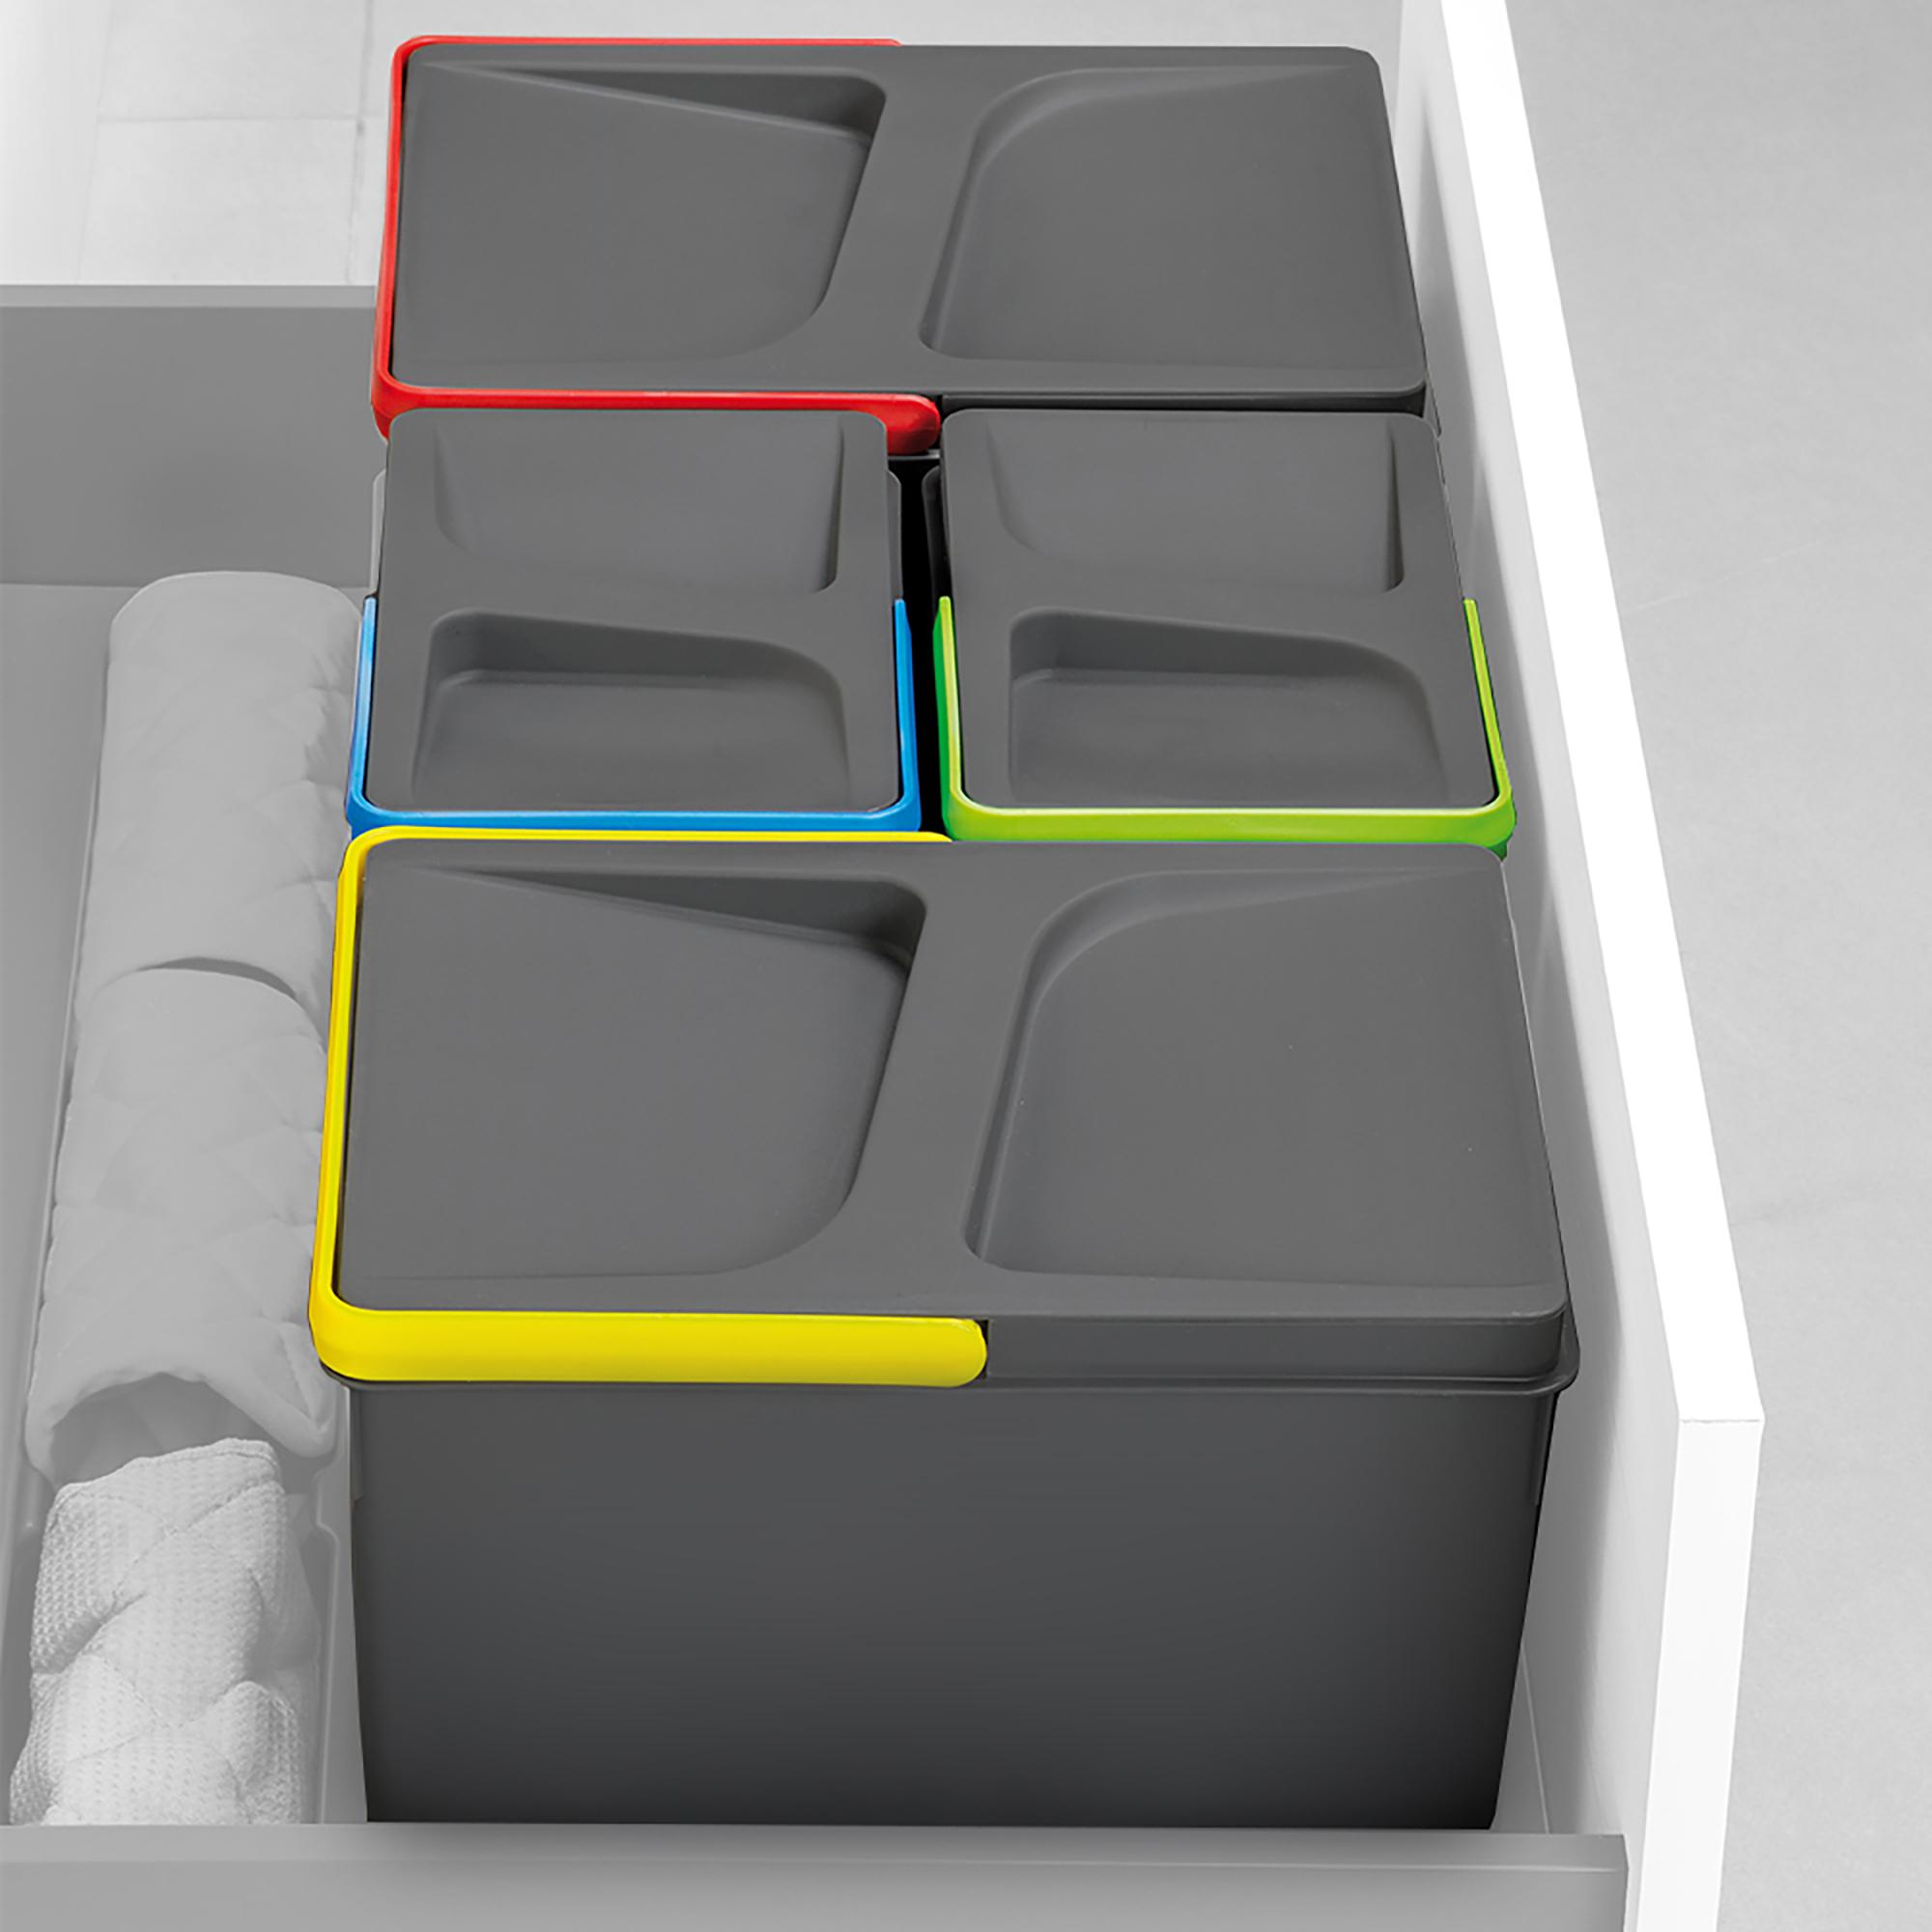 Emuca Contenitori per raccolta differenziata, 12 L + 7 L + 7 L, modulo 600 mm, Plastica, Grigio antracite, 3 u. + Base